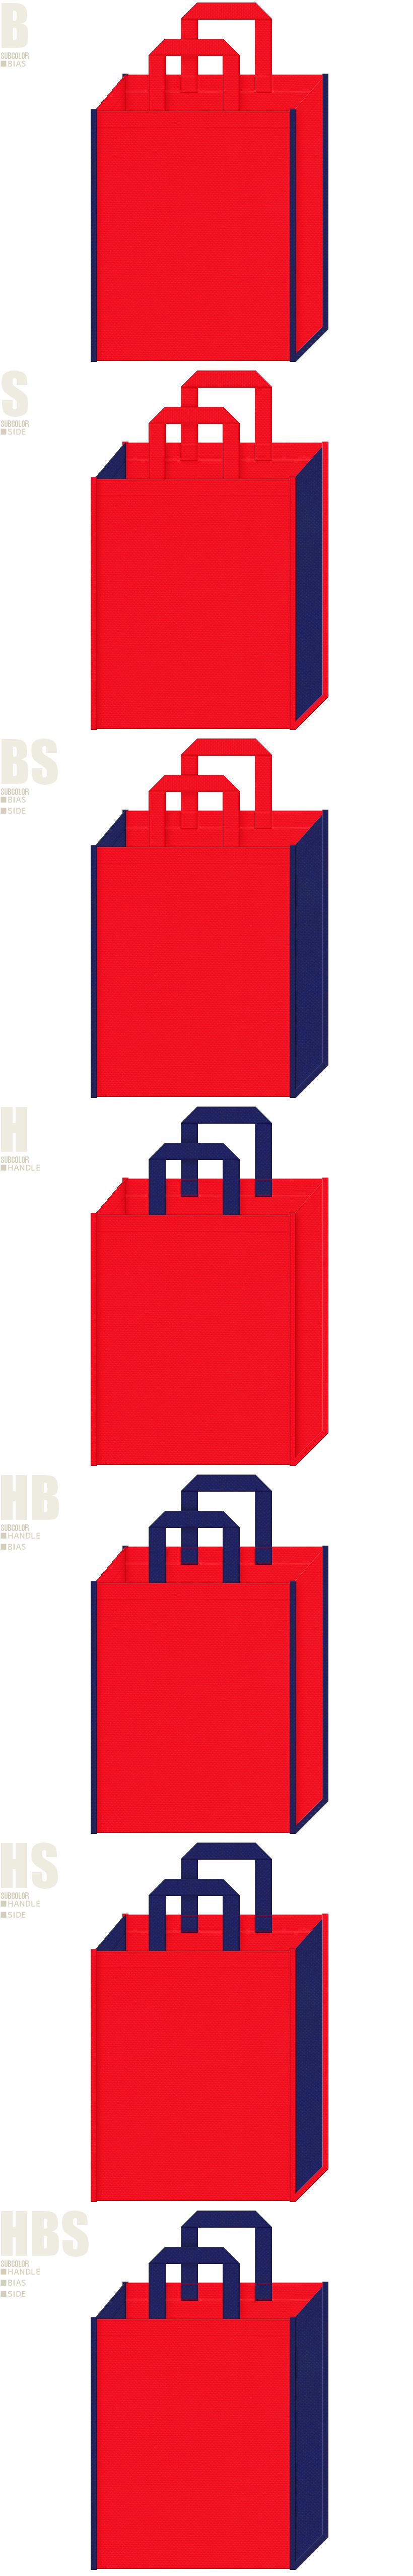 夏祭り・花火大会・縁日・法被・アメリカ国旗・星条旗・フランス国旗・イギリス国旗のイメージにお奨めの不織布バッグデザイン:赤色と明るい紺色の配色7パターン